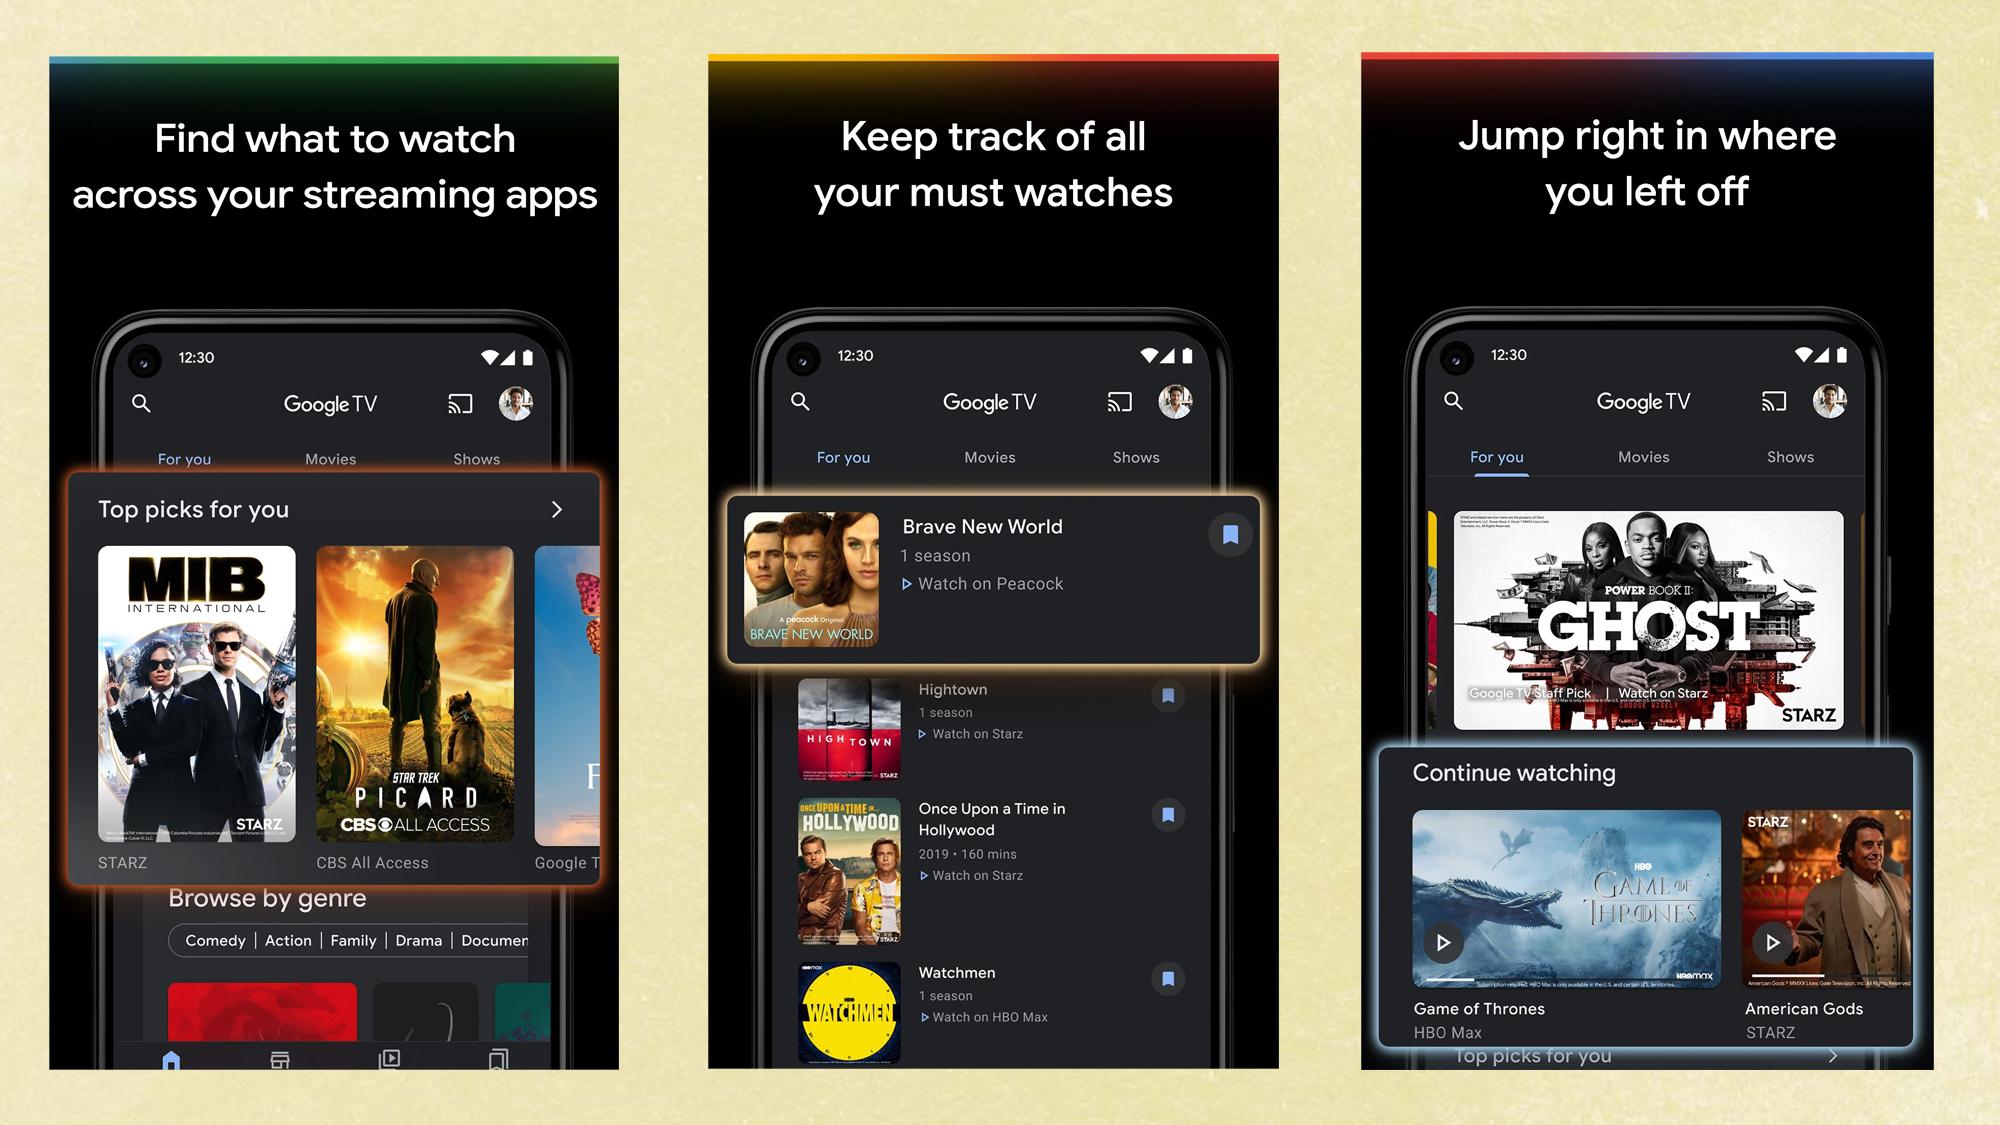 Google TV app